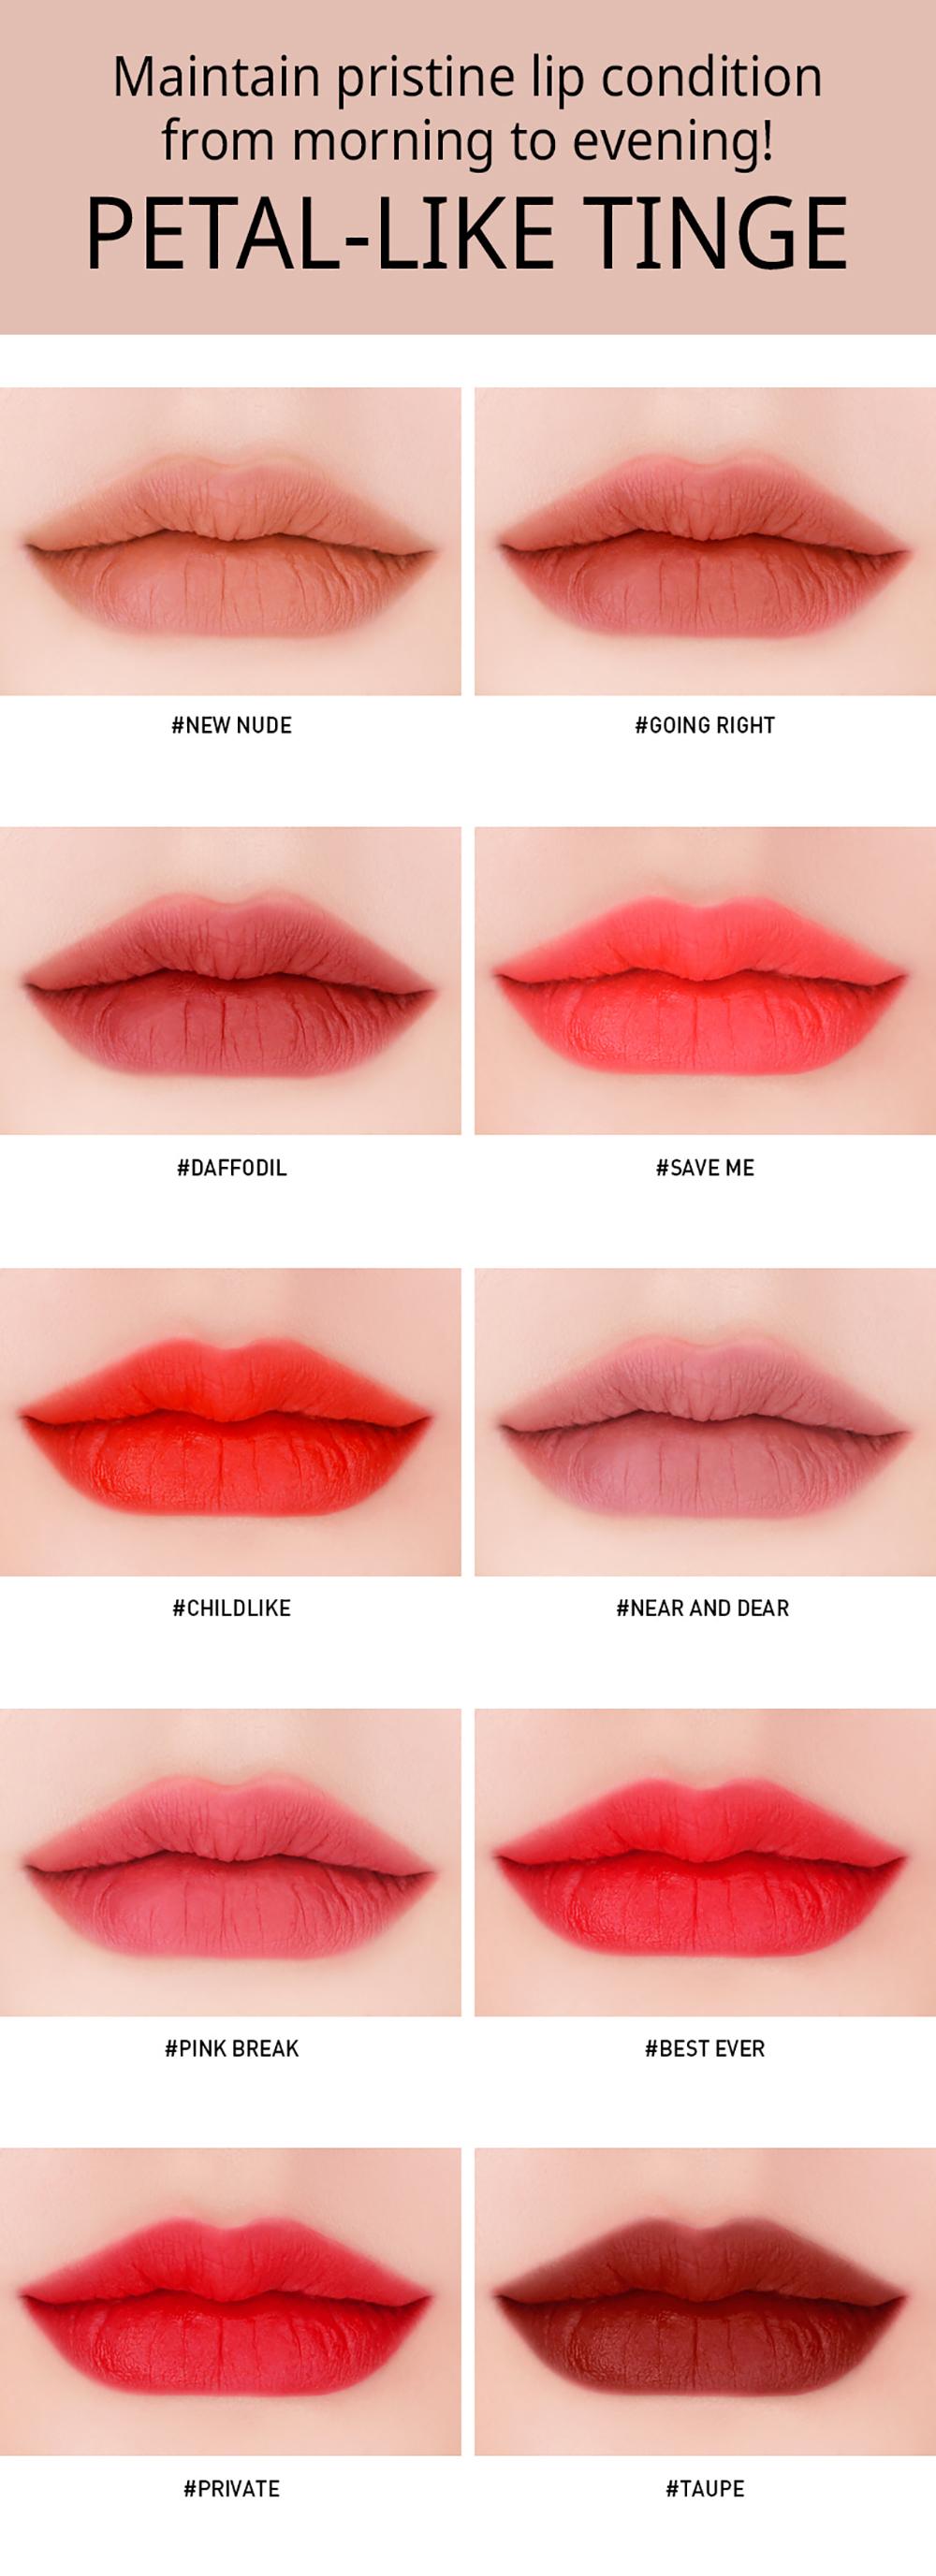 3CE Velvet Lip Tint #Near & Dear_2